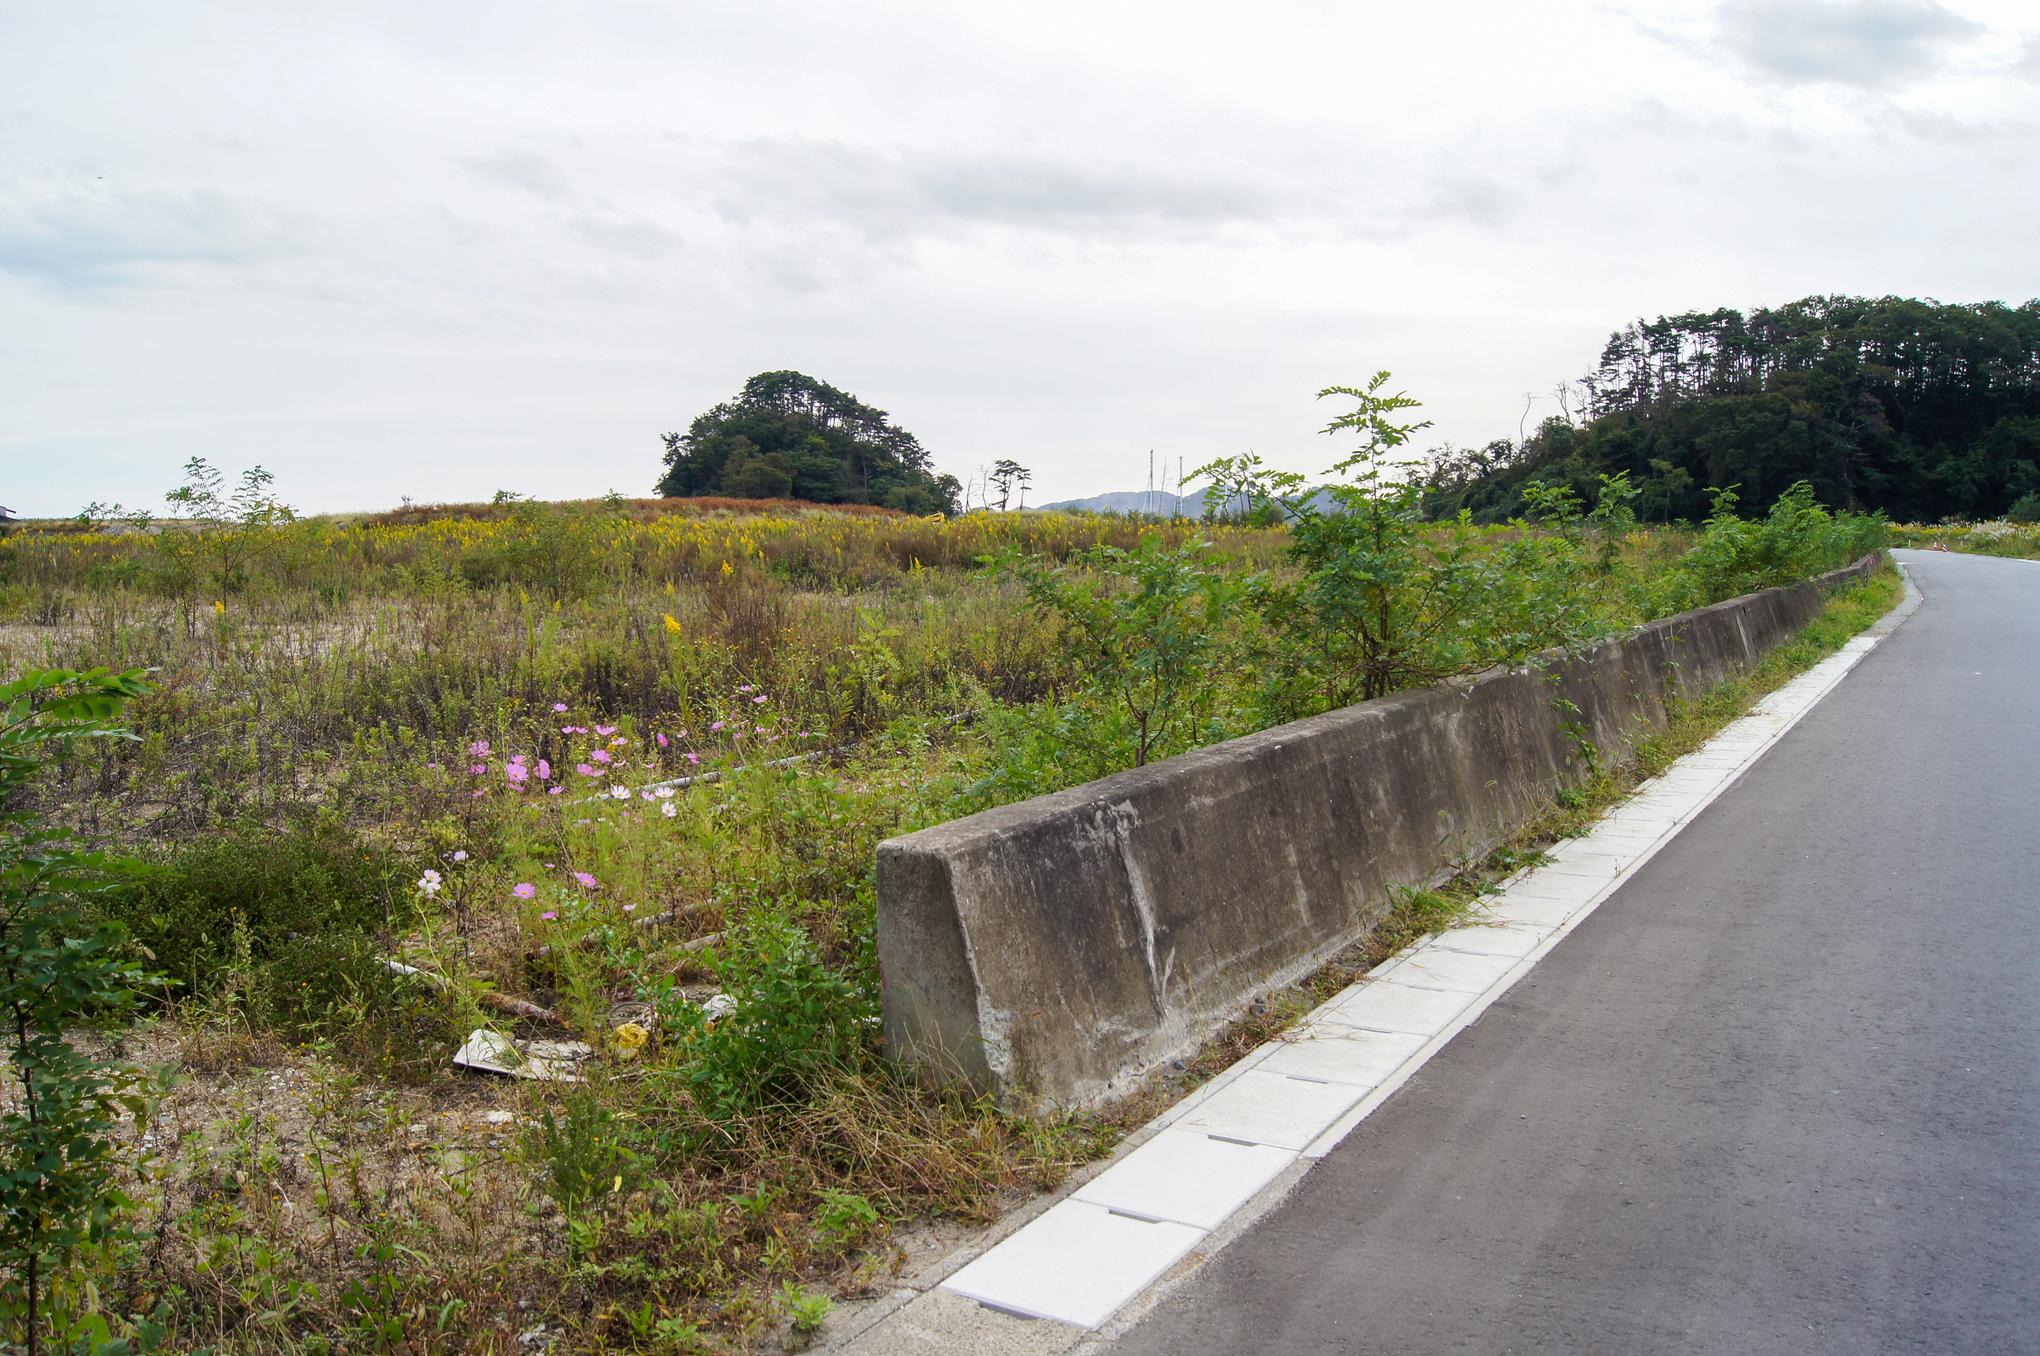 f:id:akichiniiko:20200607202049j:plain